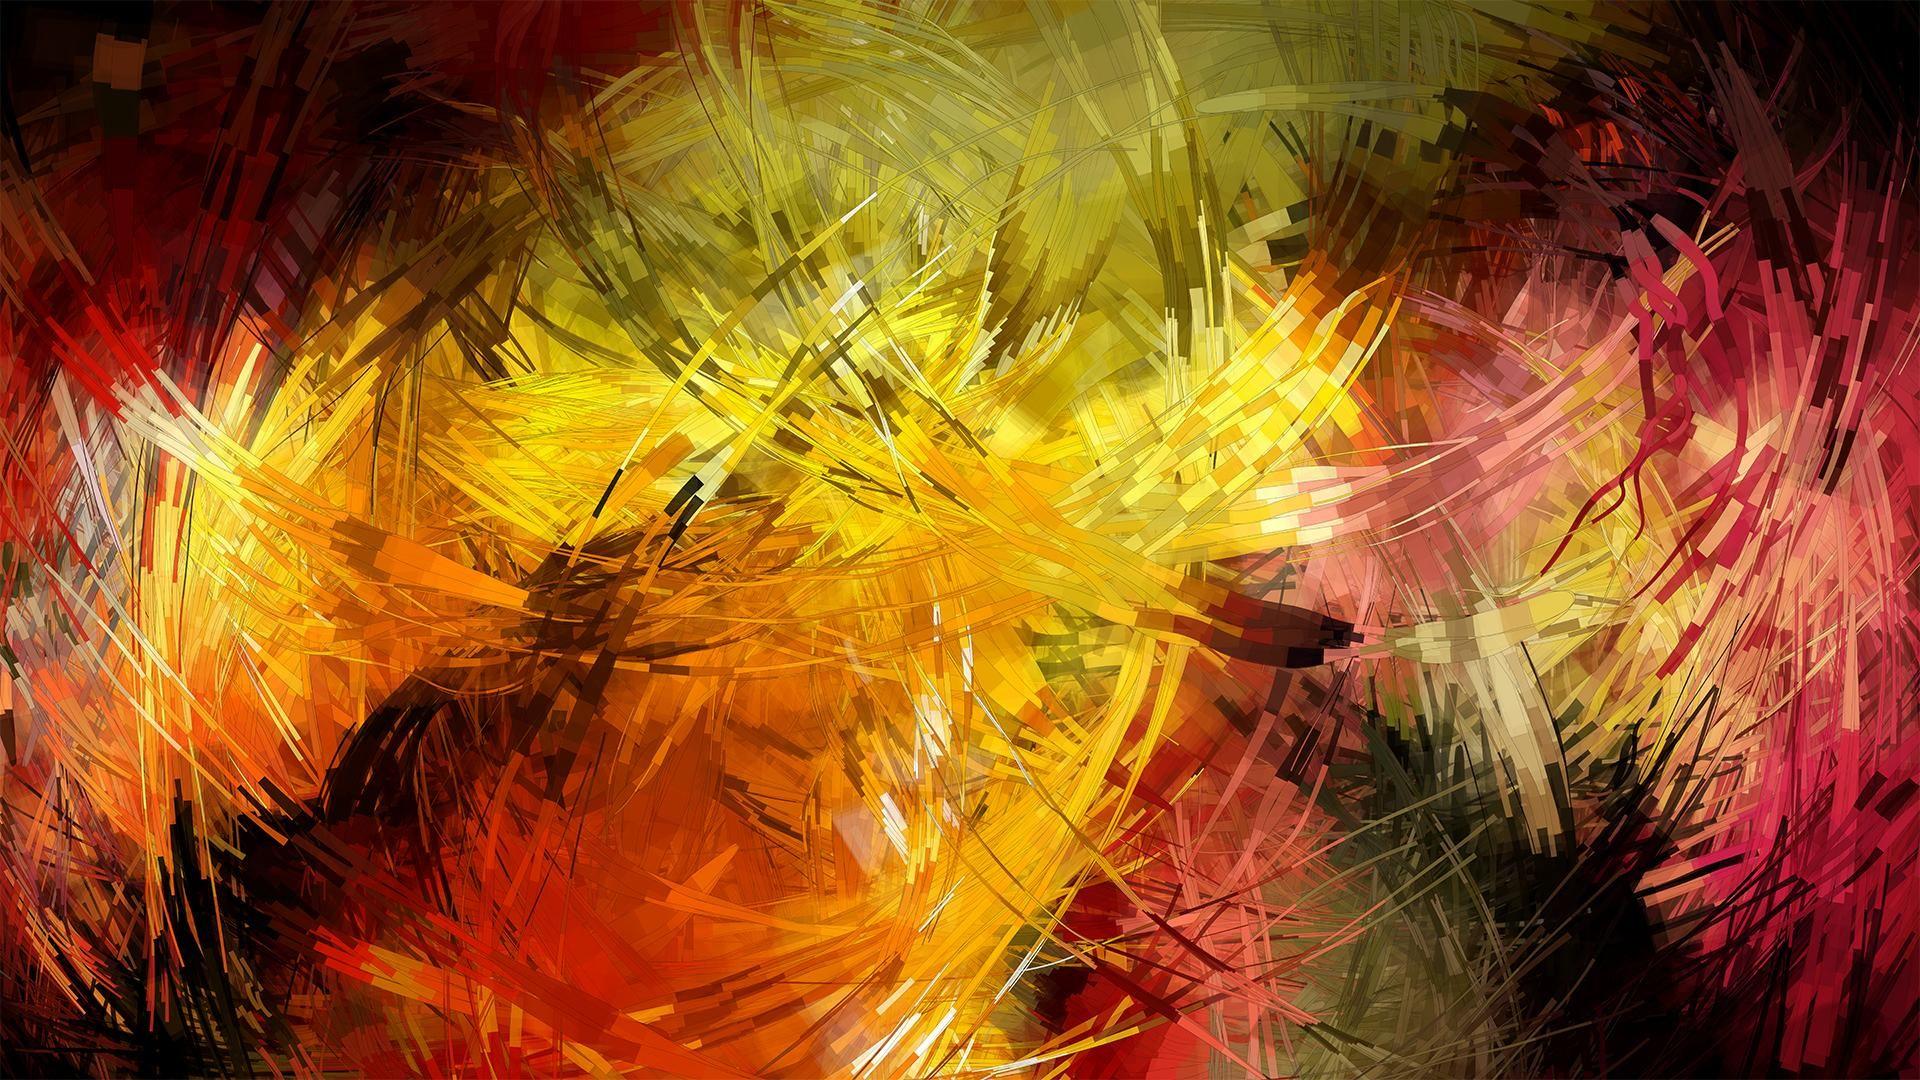 Vibrant hd picture